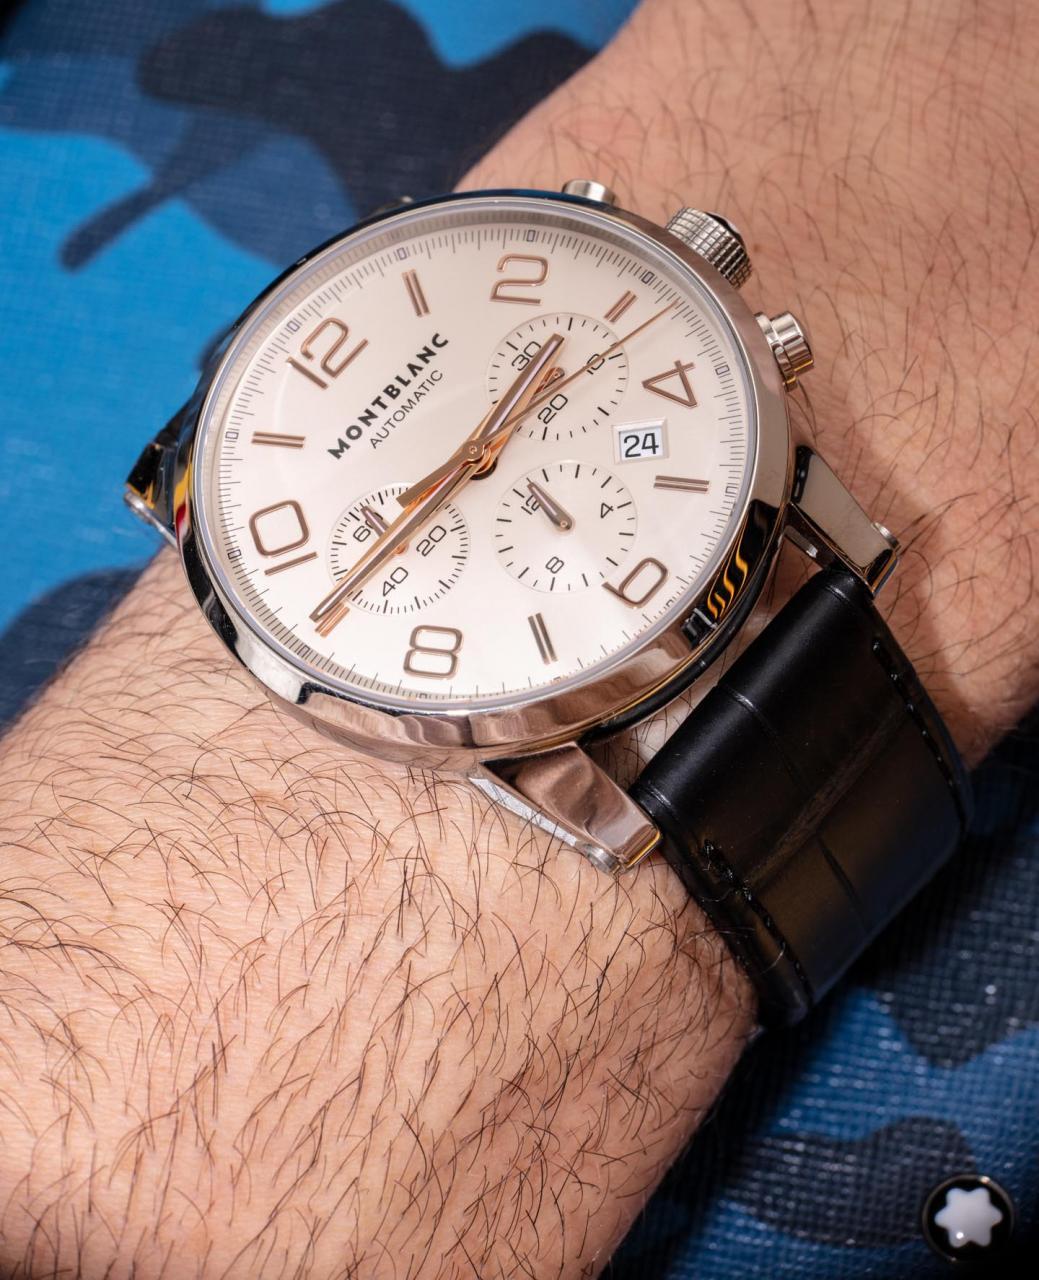 绝版万宝龙时光行者计时码表101549 Relica手表